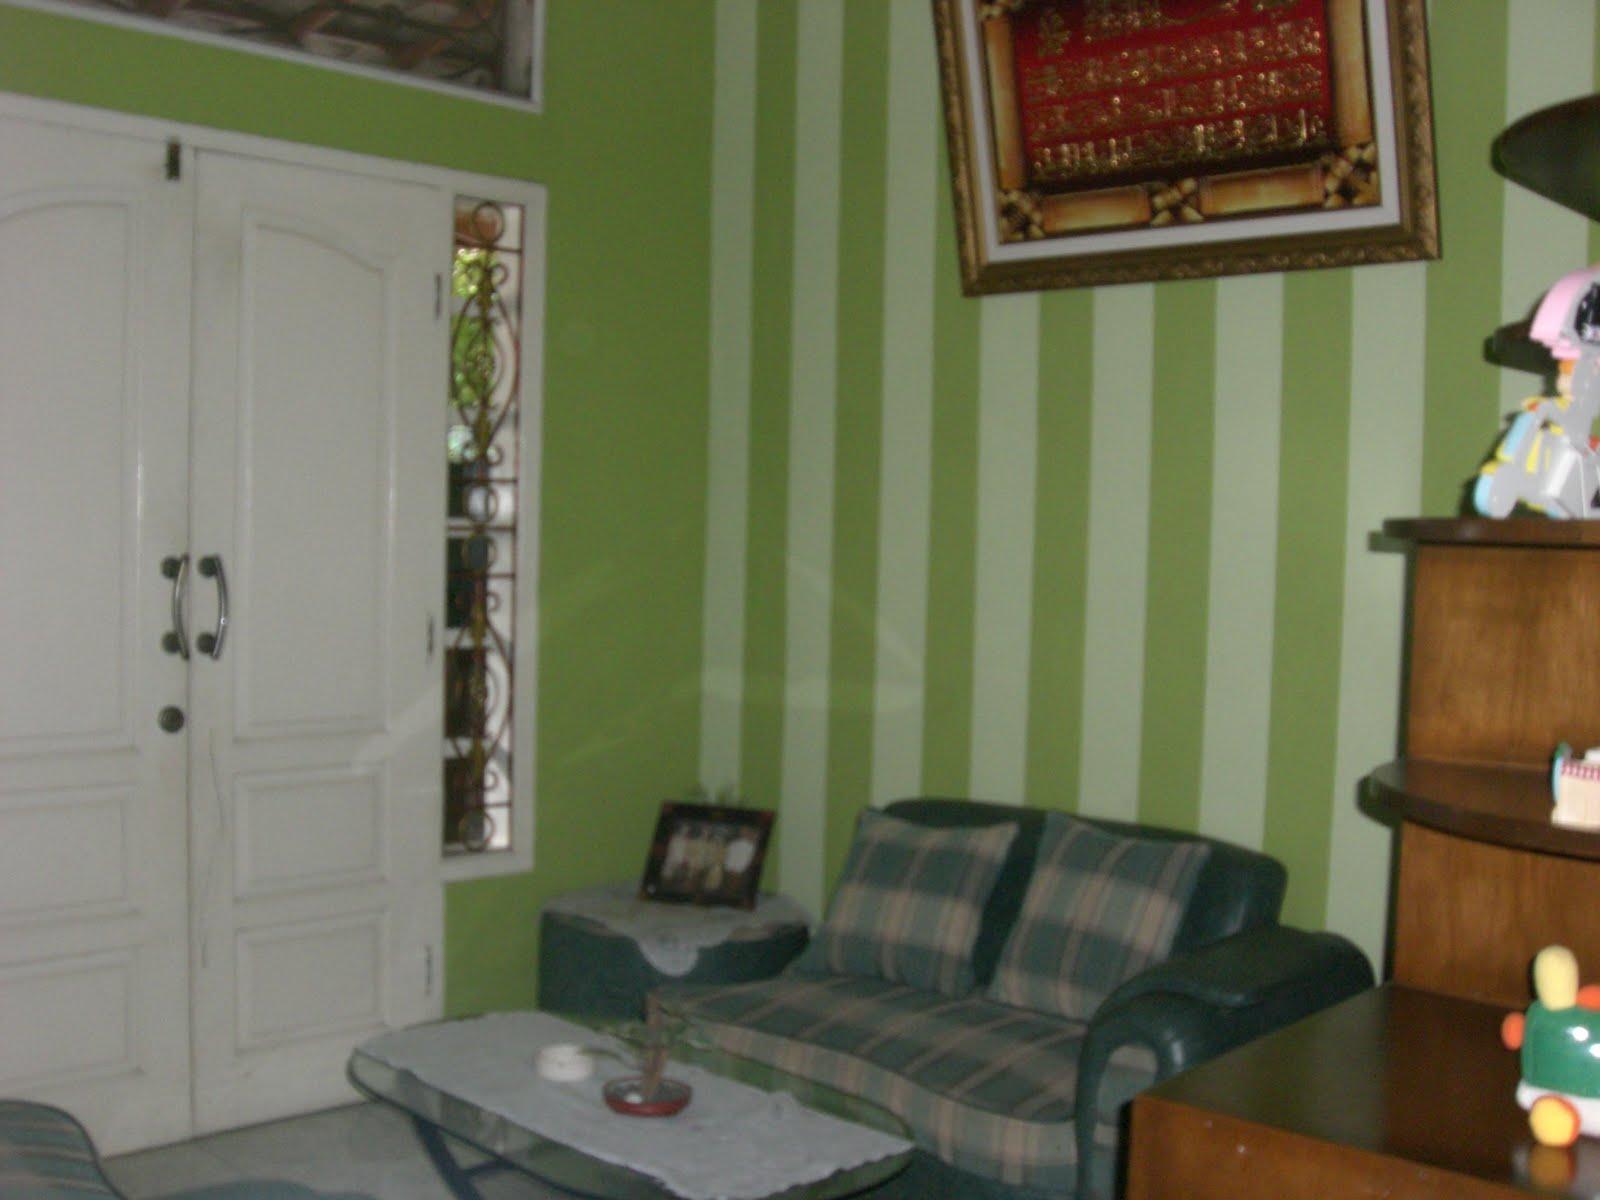 1600x1200px Wallpaper Dinding Rumah Minimalis Wallpapersafari